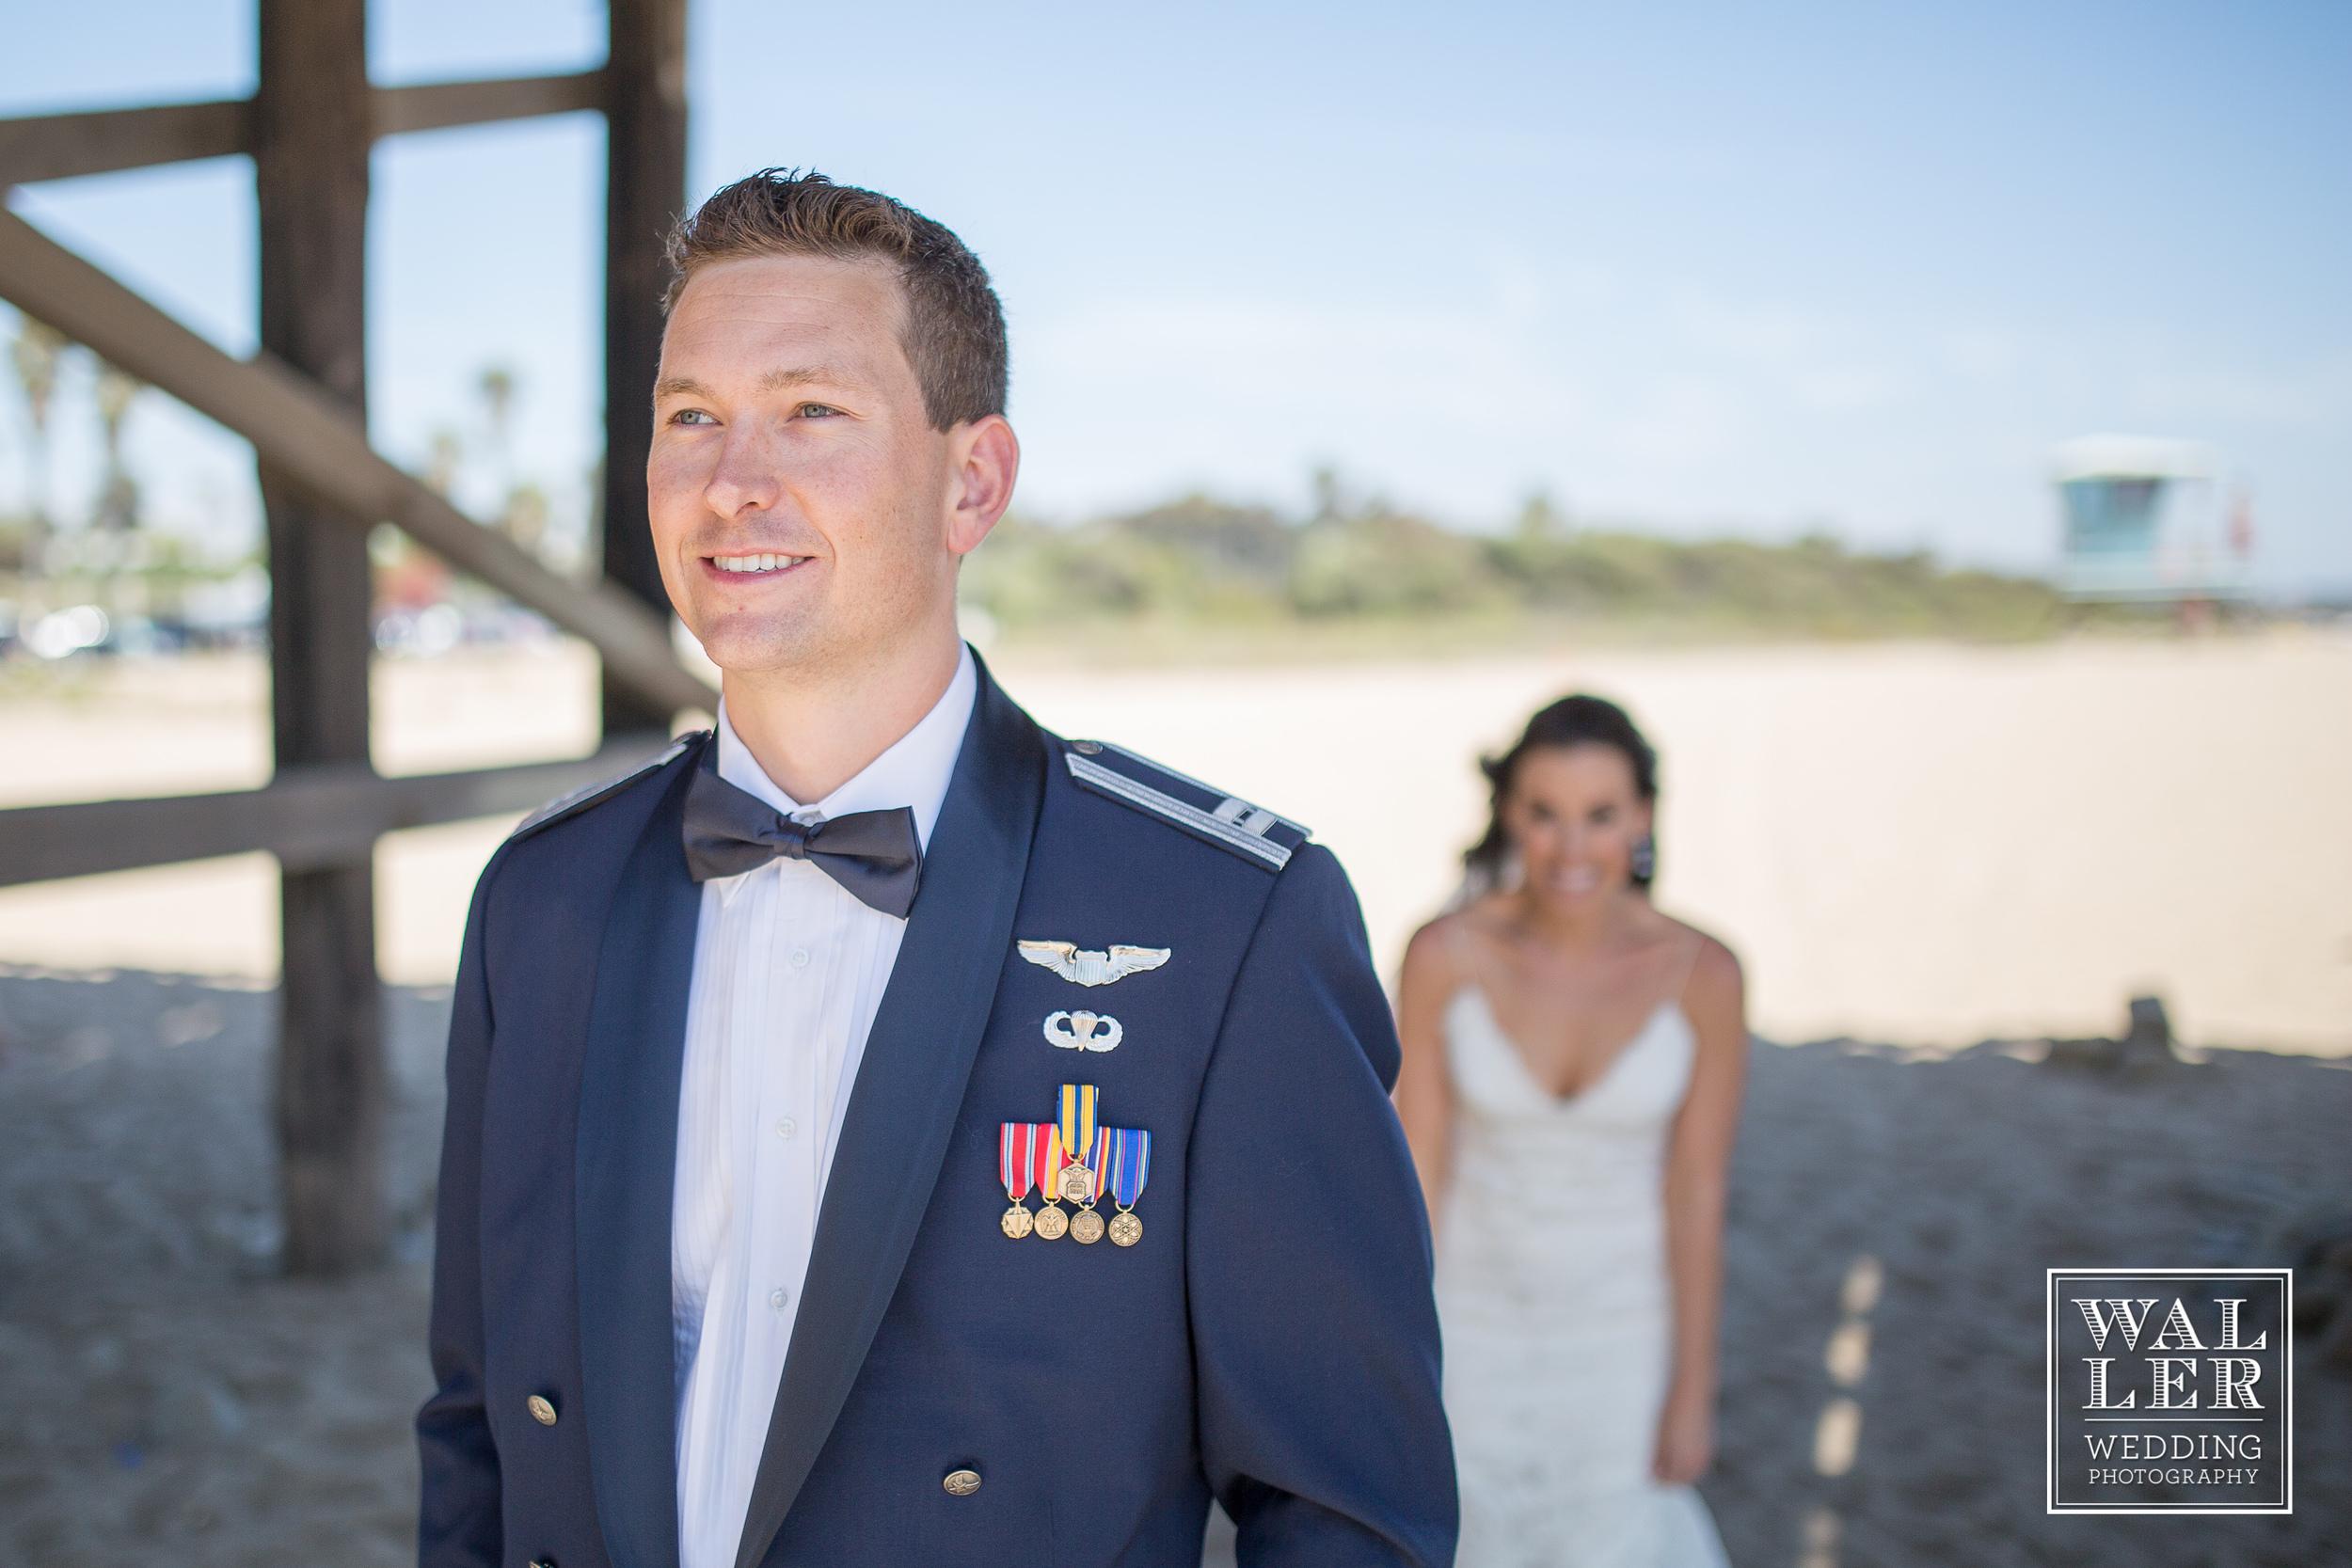 waller weddings-13.jpg